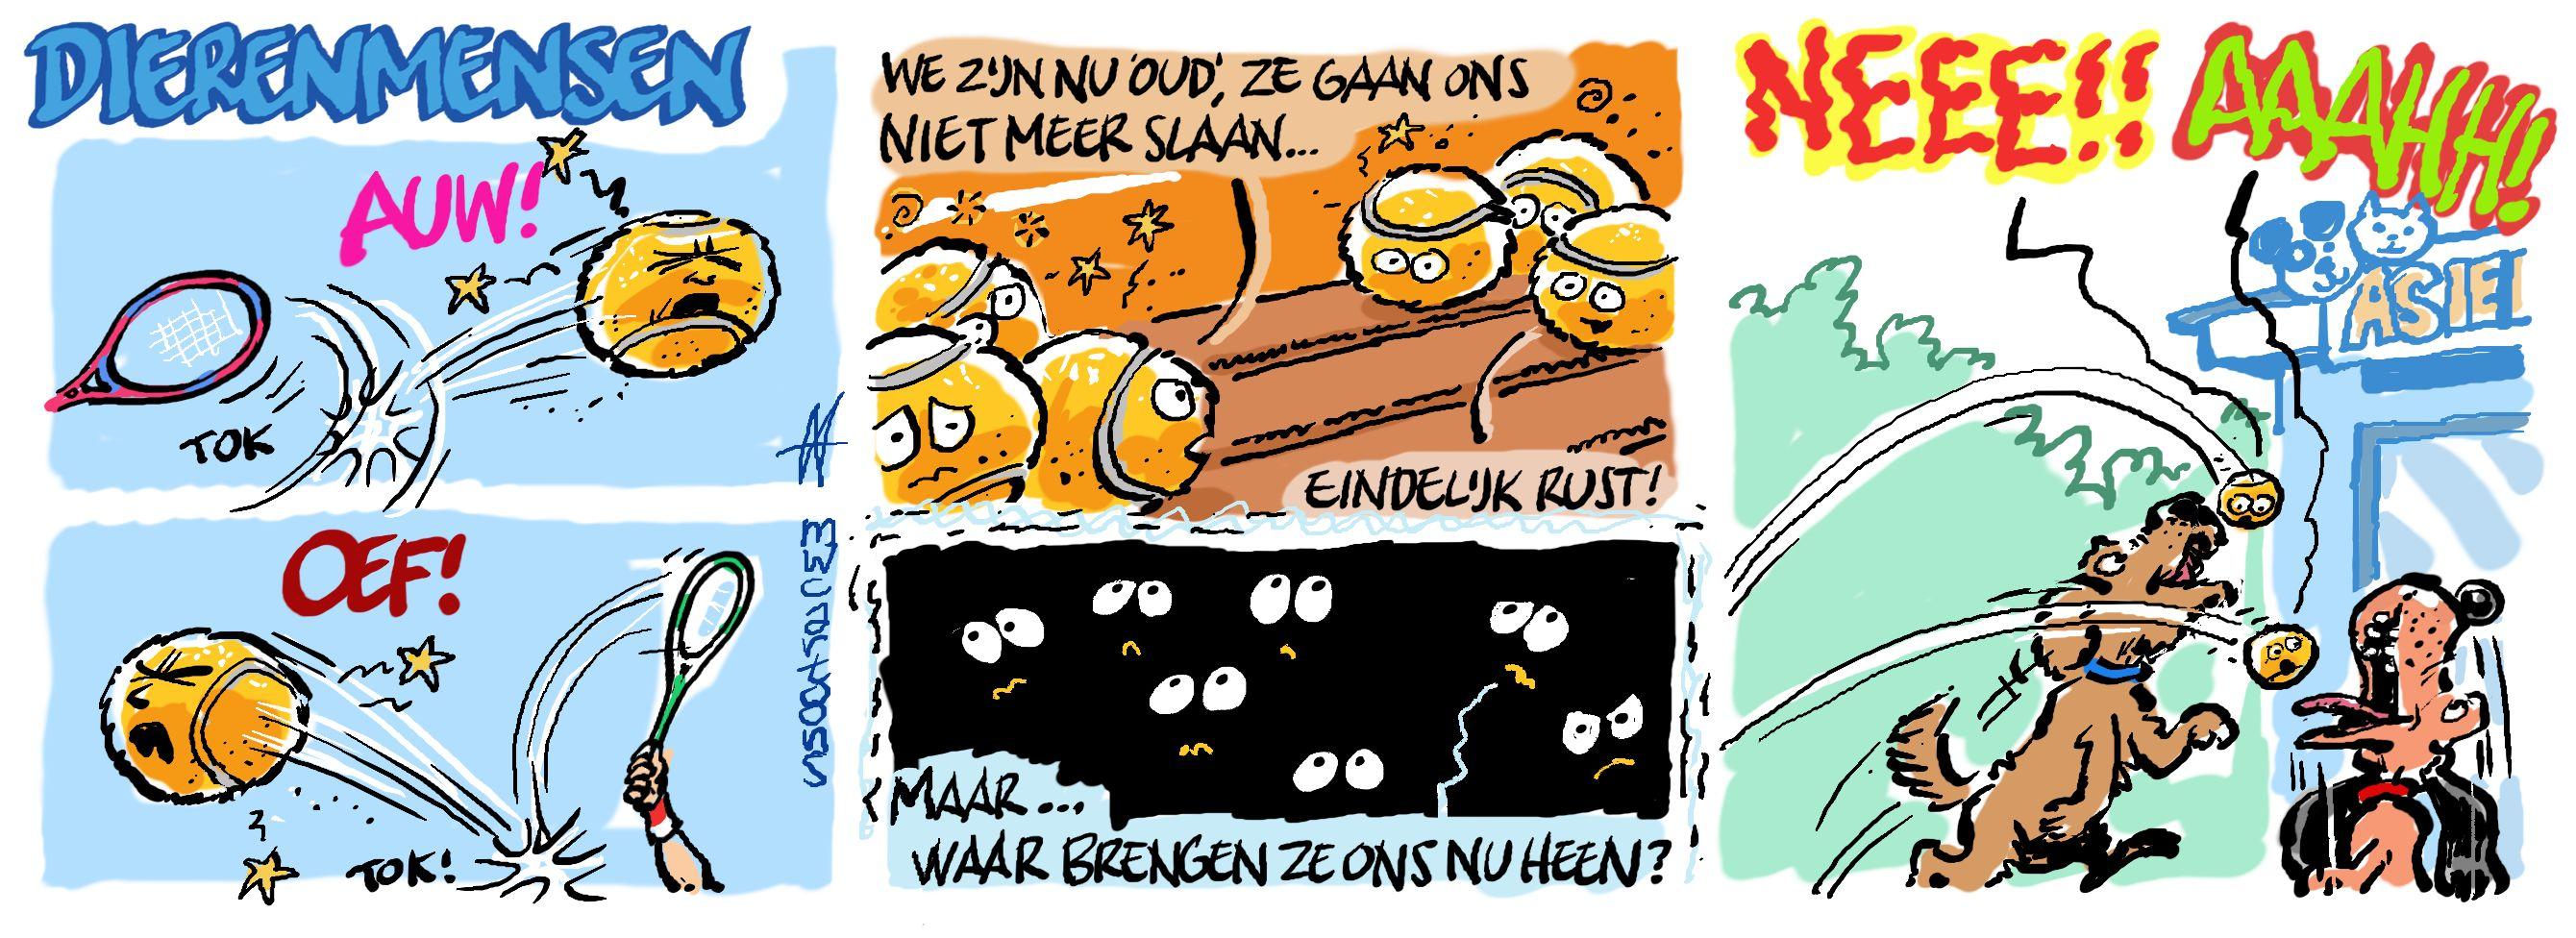 Dierenmensen Winter 2018 - Maarten Wolterink